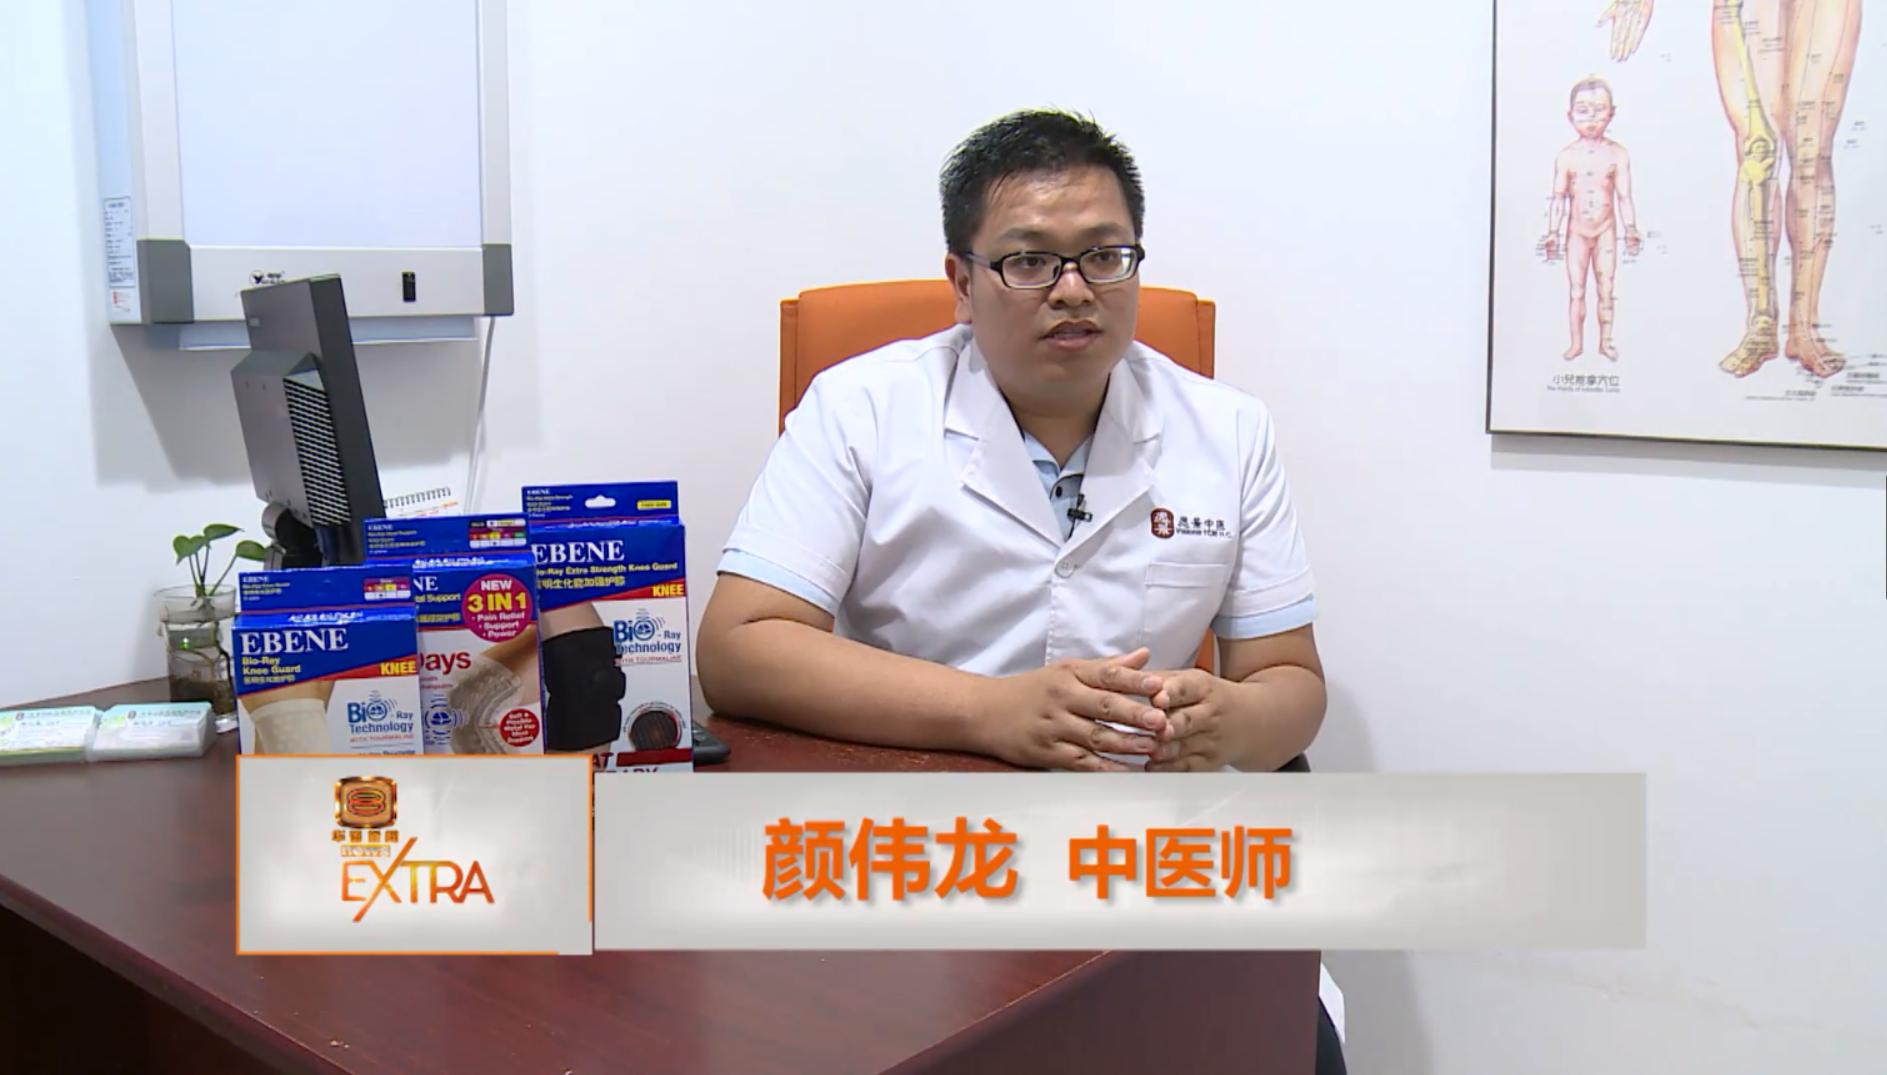 【8度空间 – 到底怎么做才能保护好膝盖呢?】- 颜伟龙中医师 8TV